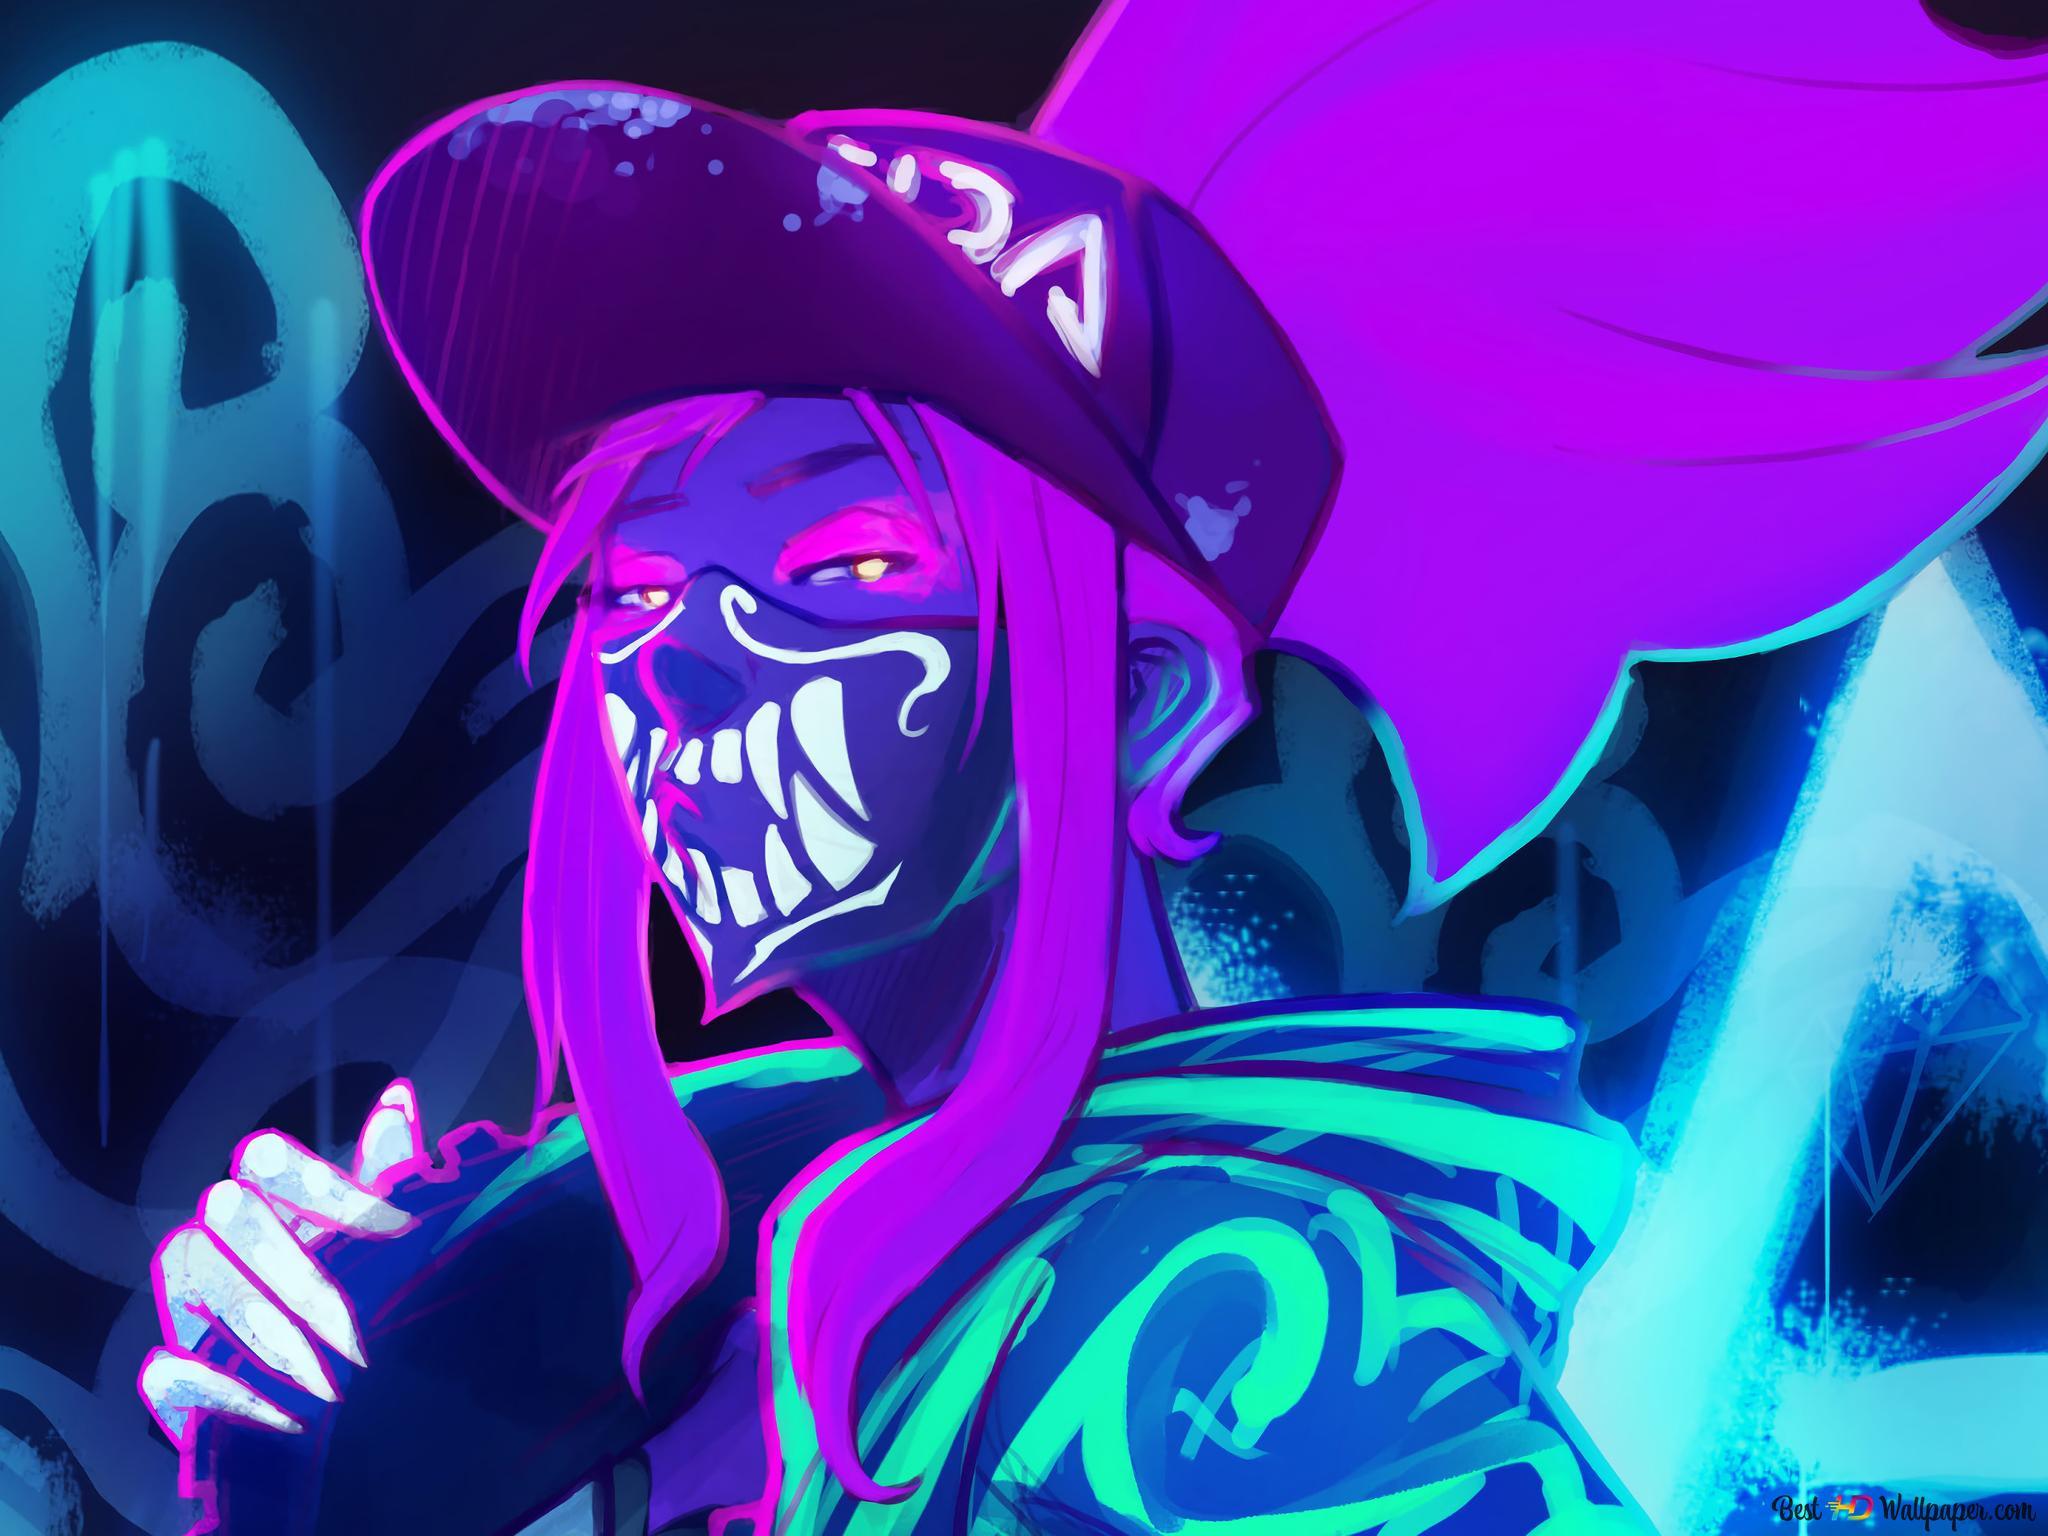 Lol League Of Legends Neon K Da Akali Hd Wallpaper Download